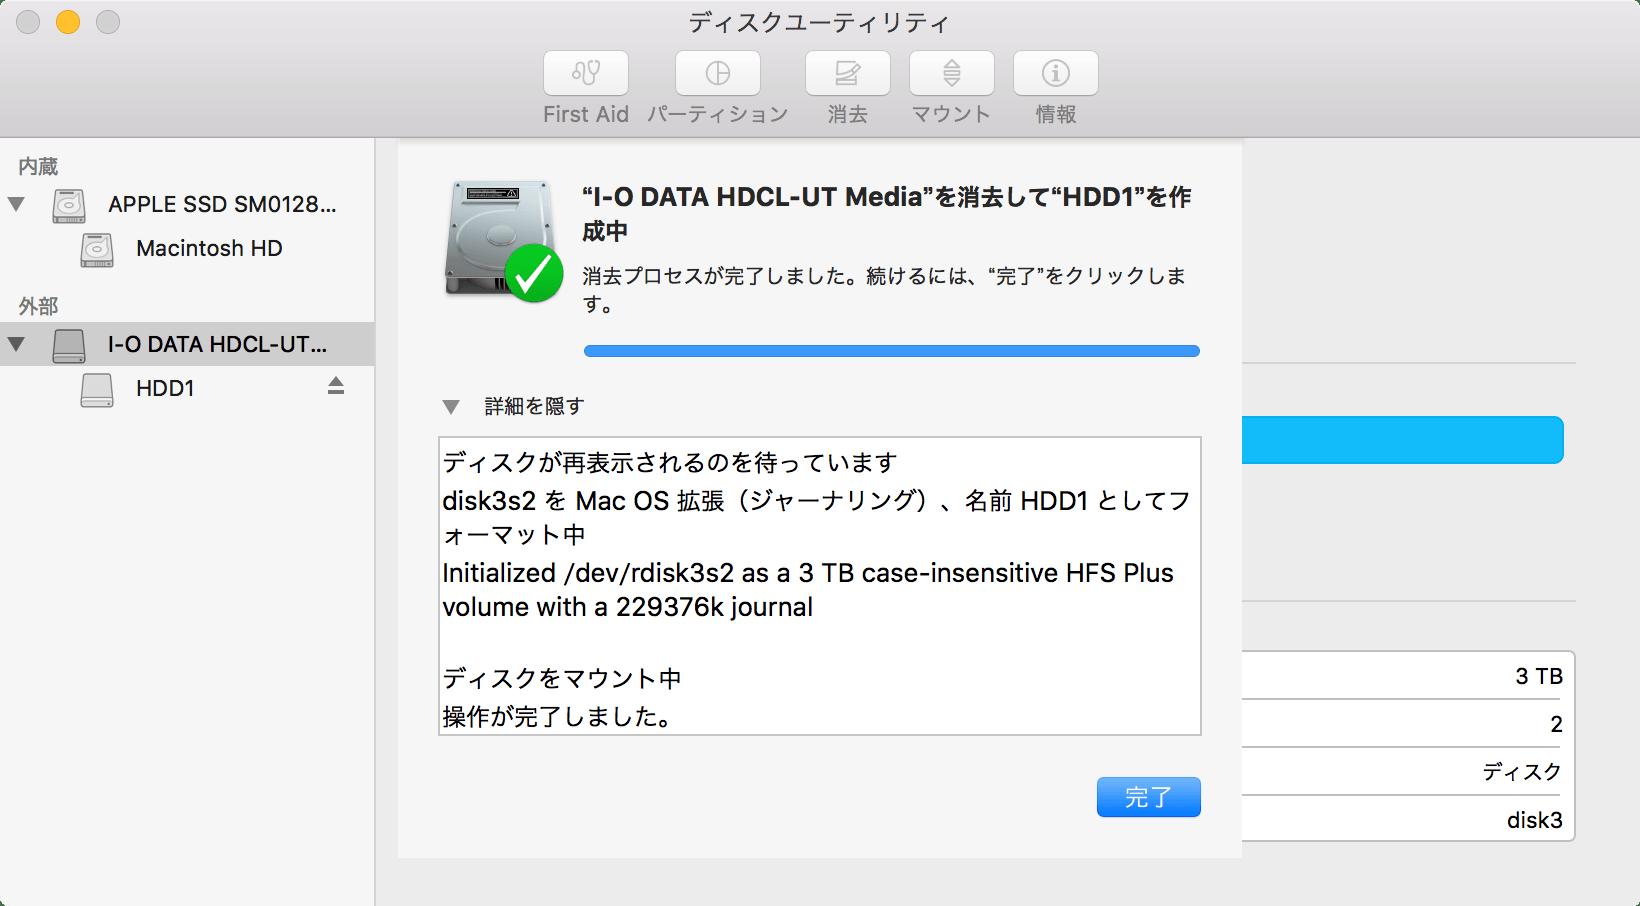 020_20160326_i-o-data-HDC-LA3.0